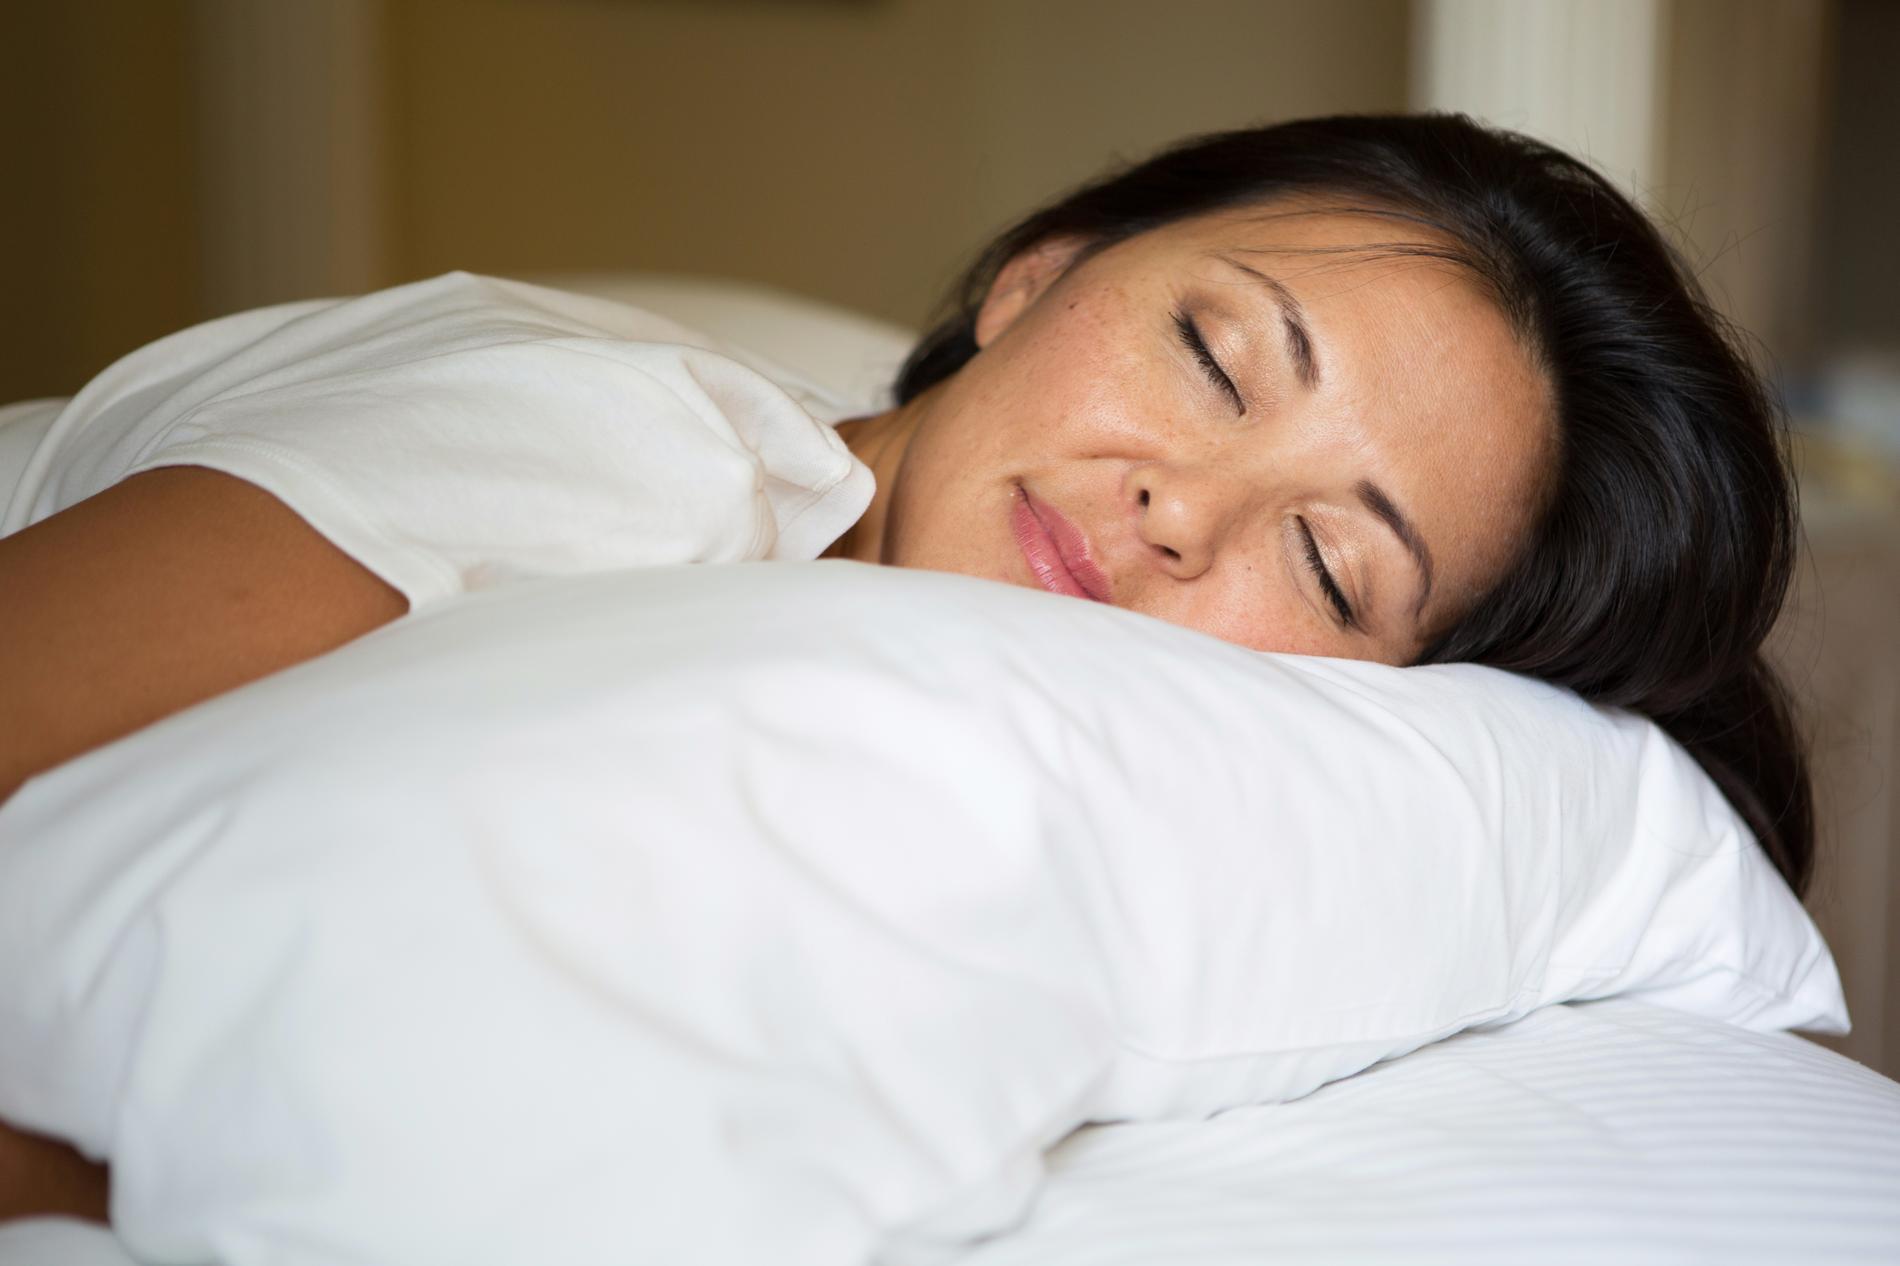 sommeil 10 accessoires pour s 39 endormir plus facilement. Black Bedroom Furniture Sets. Home Design Ideas